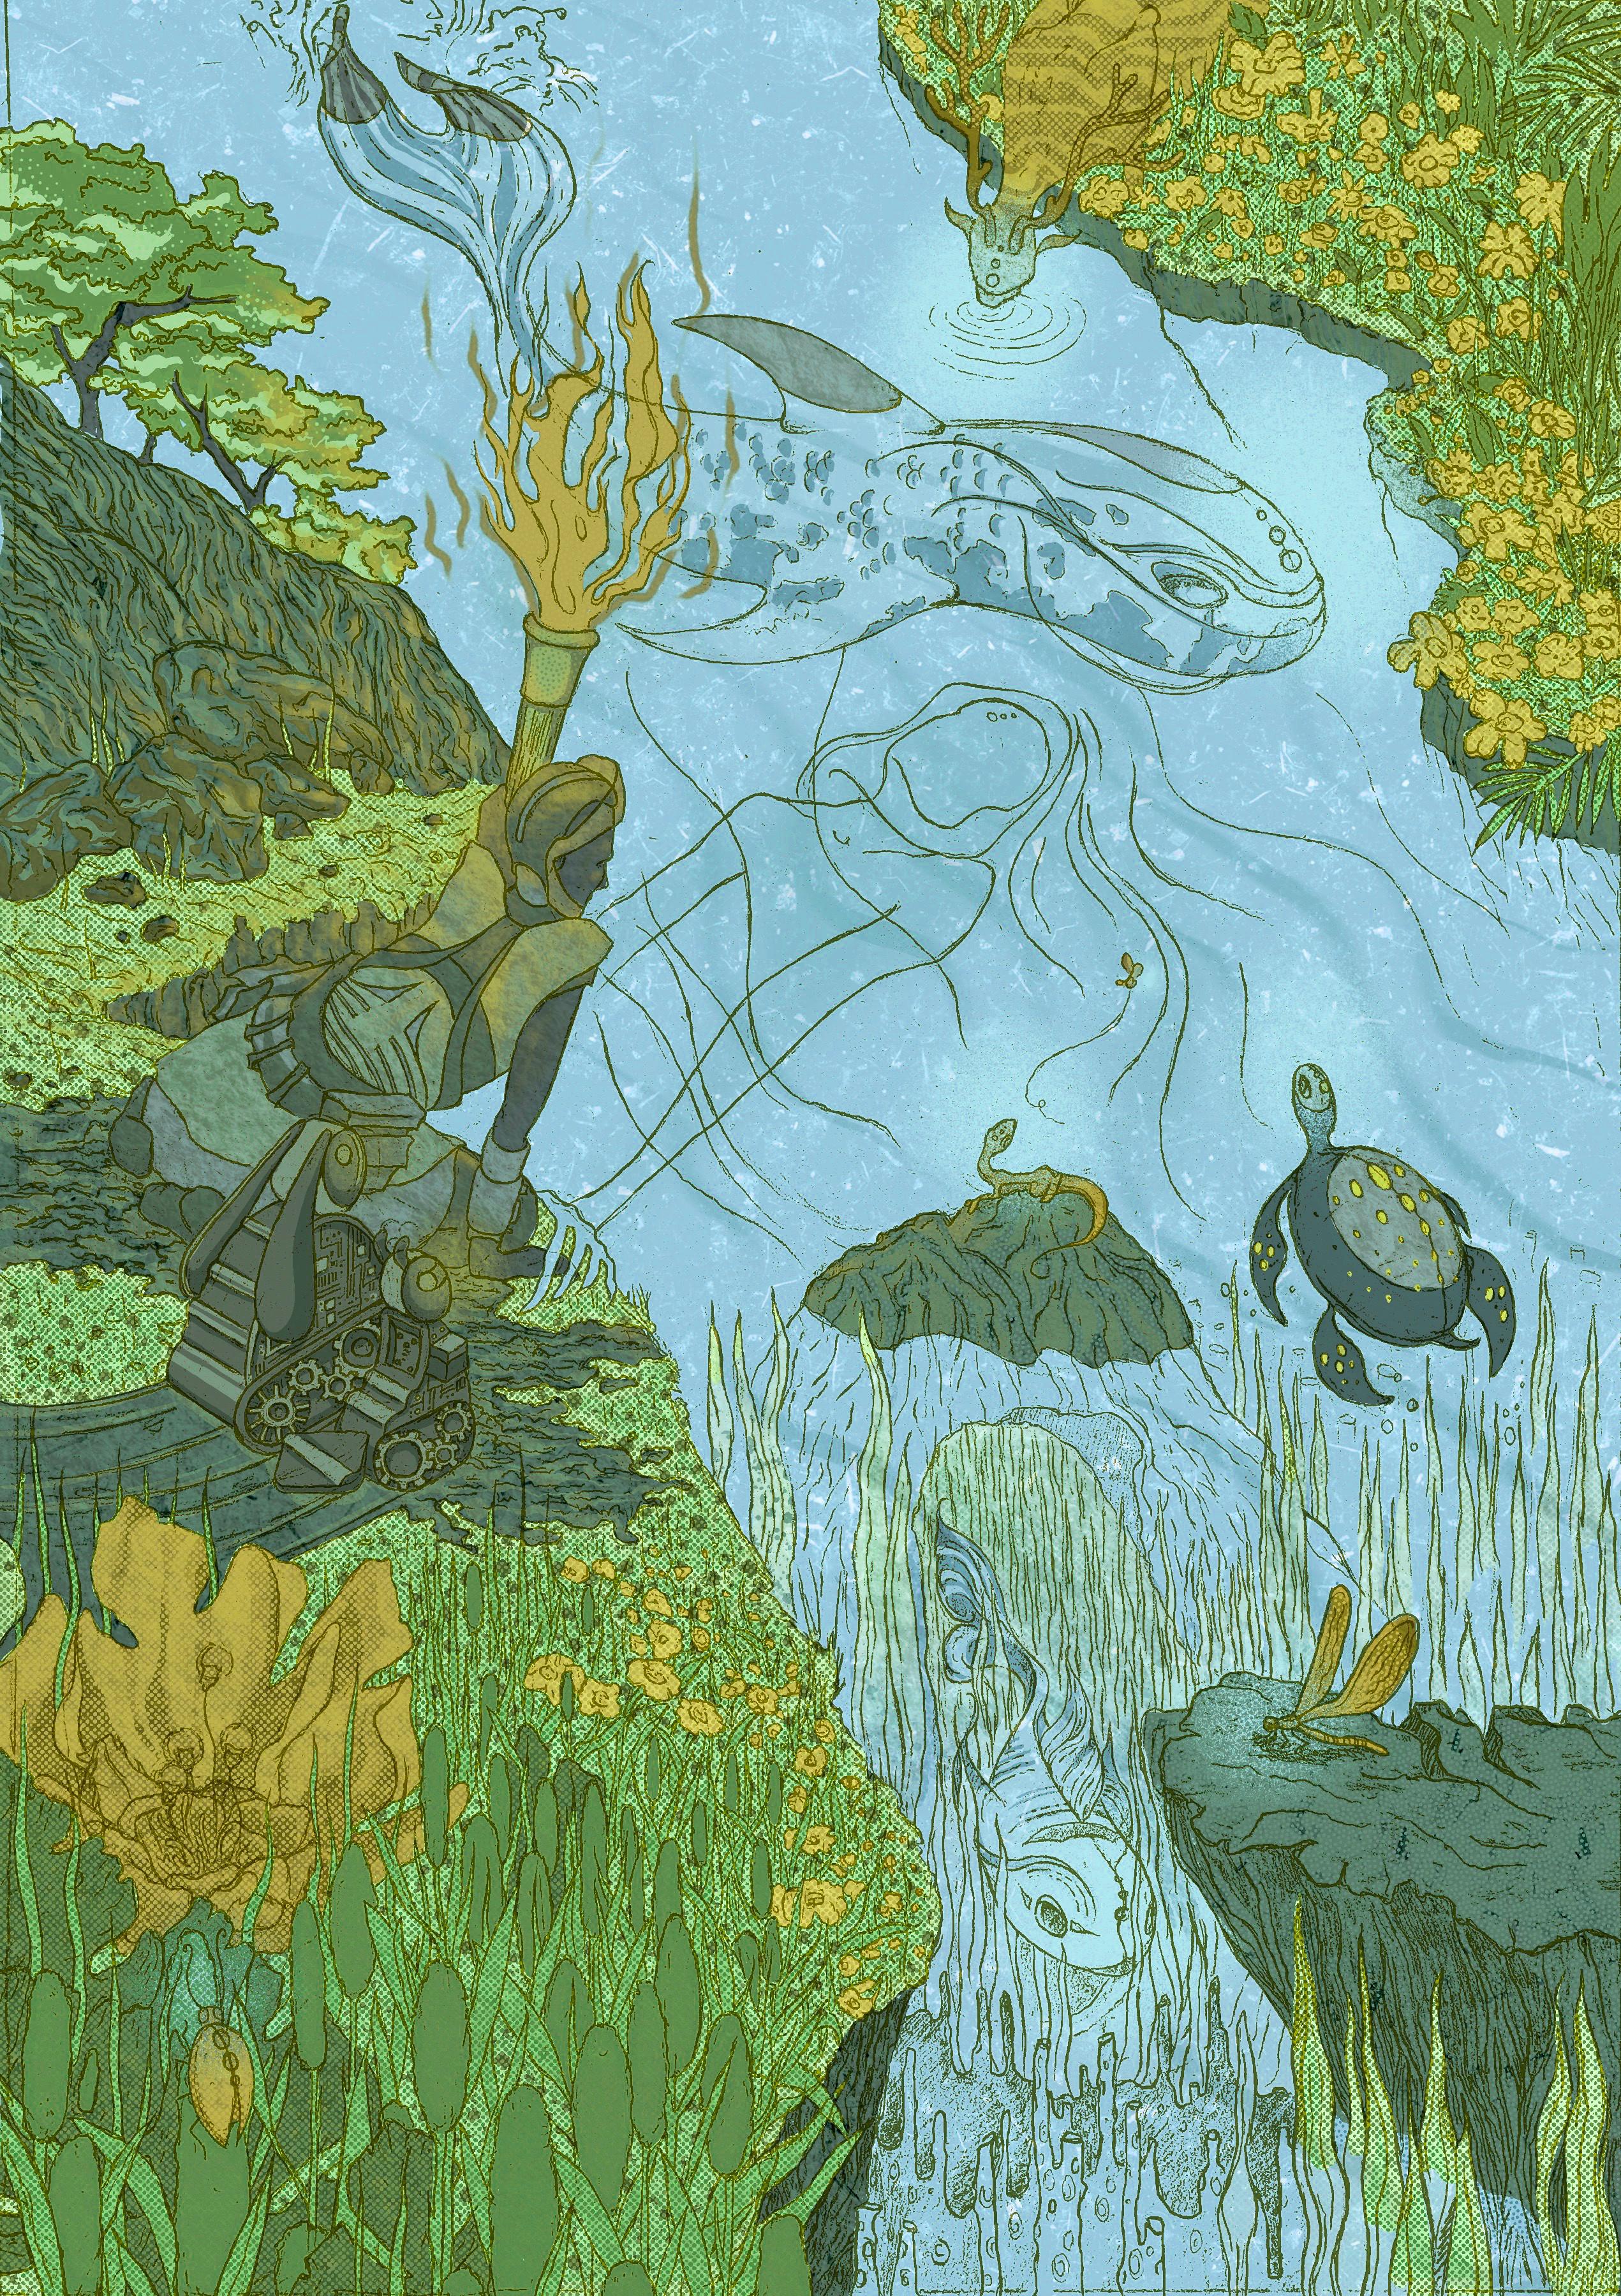 Final Illustration [GREEN]